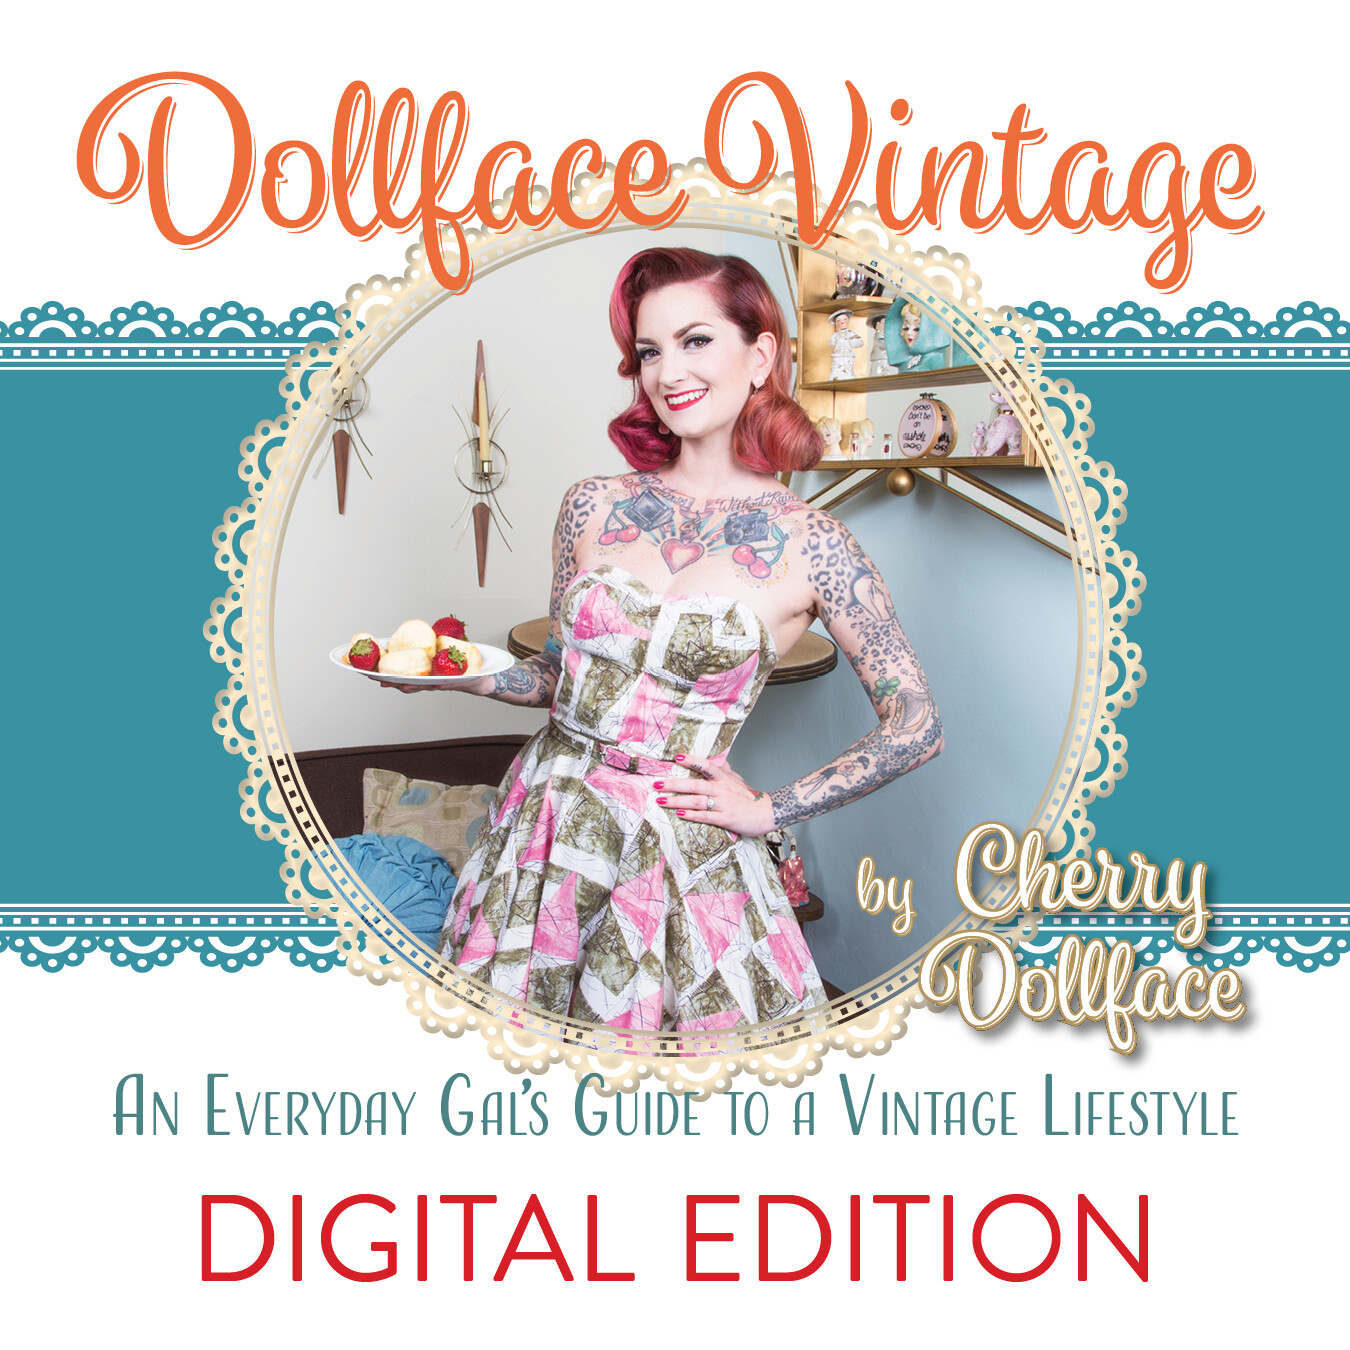 Dollface Vintage DIGITAL EDITION (for iOS/Apple Books)